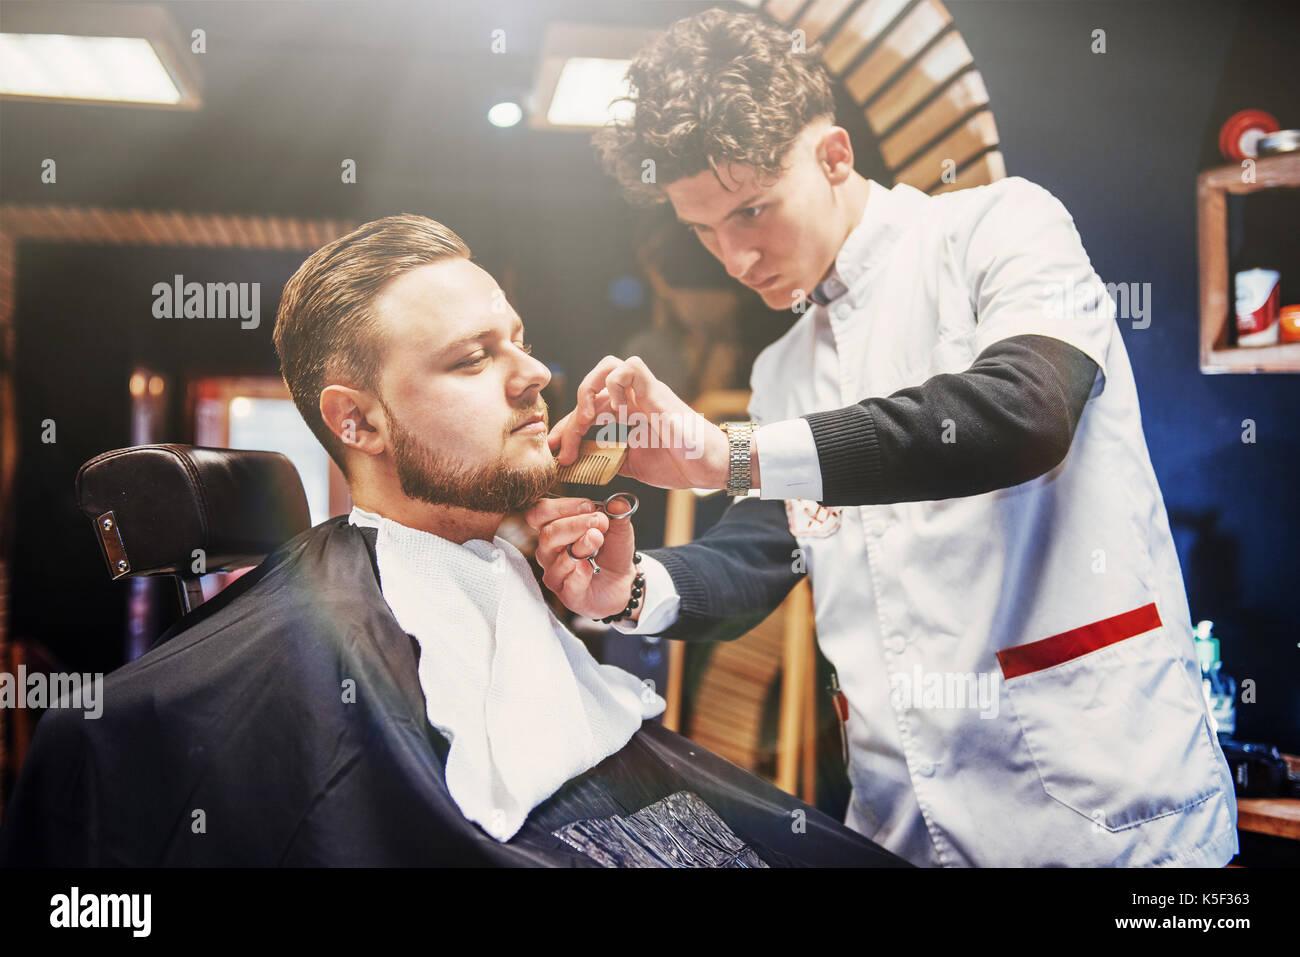 Uomini acconciature e taglio di capelli in un negozio di barbiere o  parrucchiere. Immagini Stock 10355100f0f9